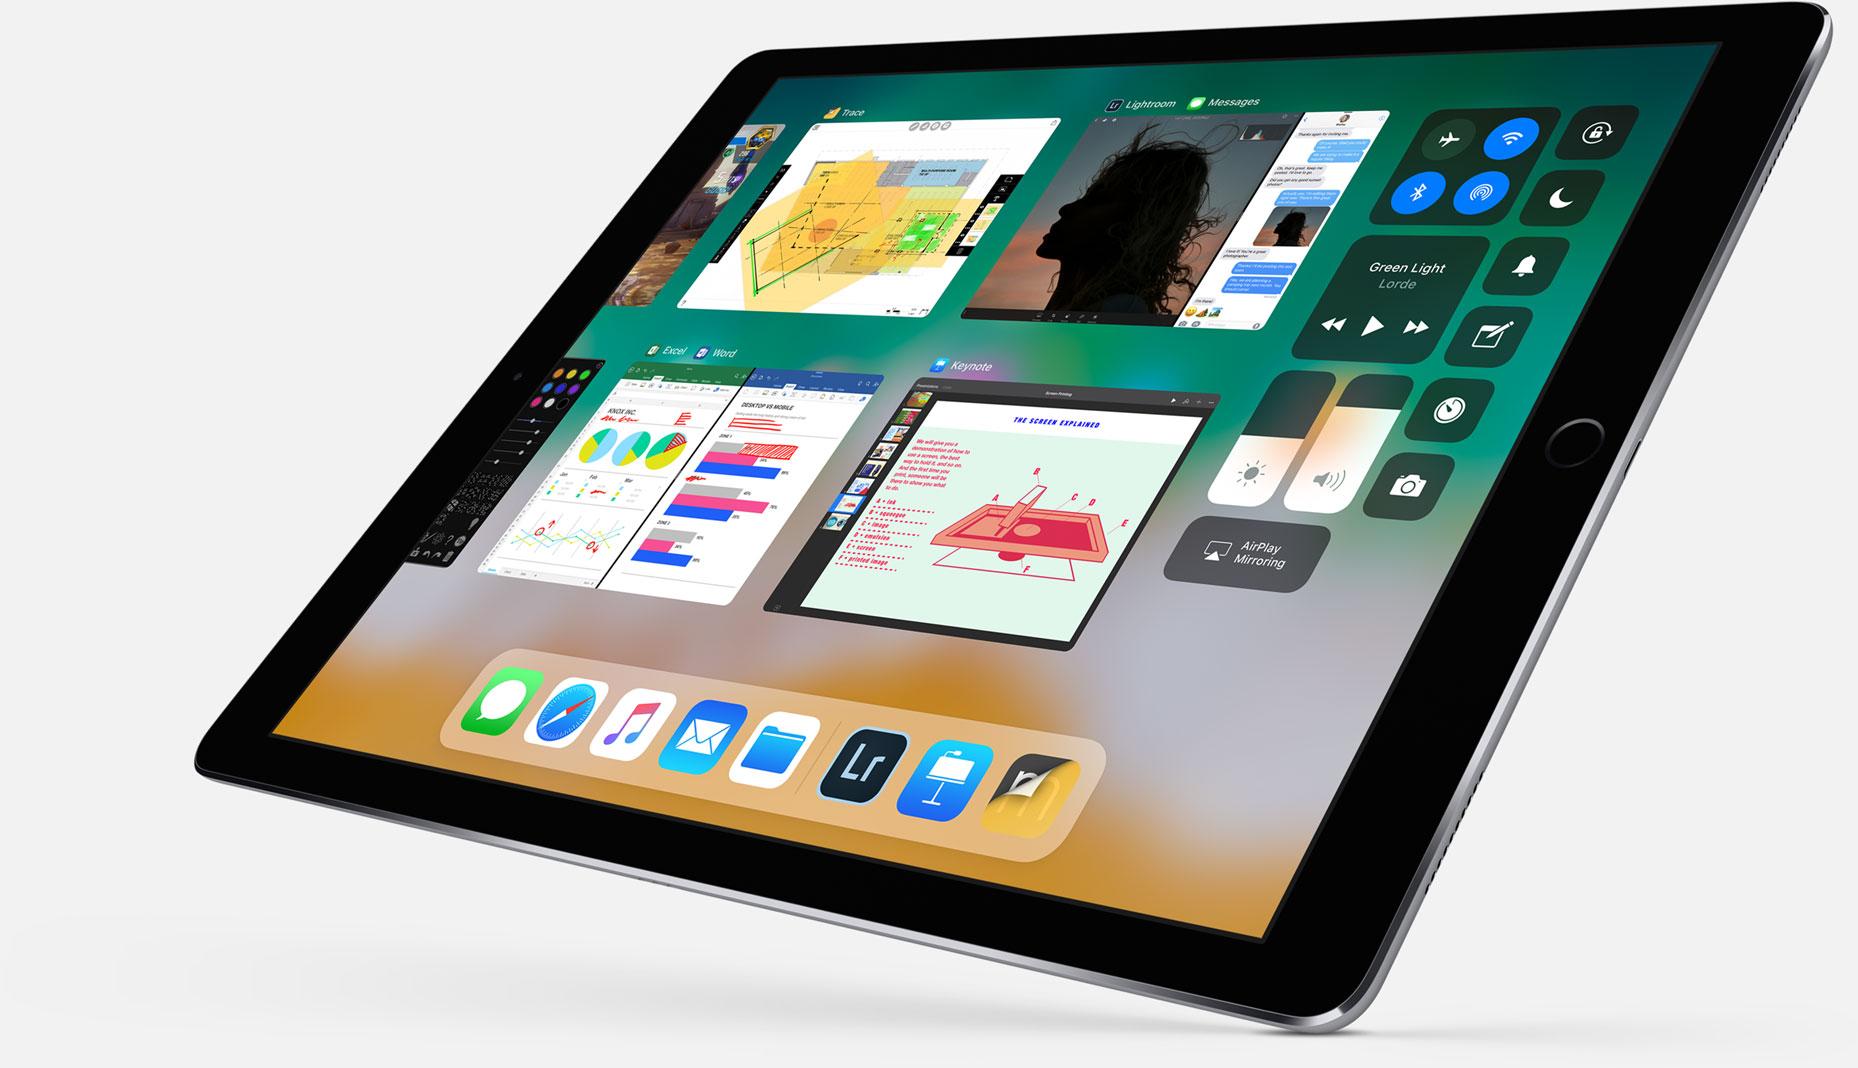 El dock para iPad es lo más cerca que estarás de macOS en un tablet